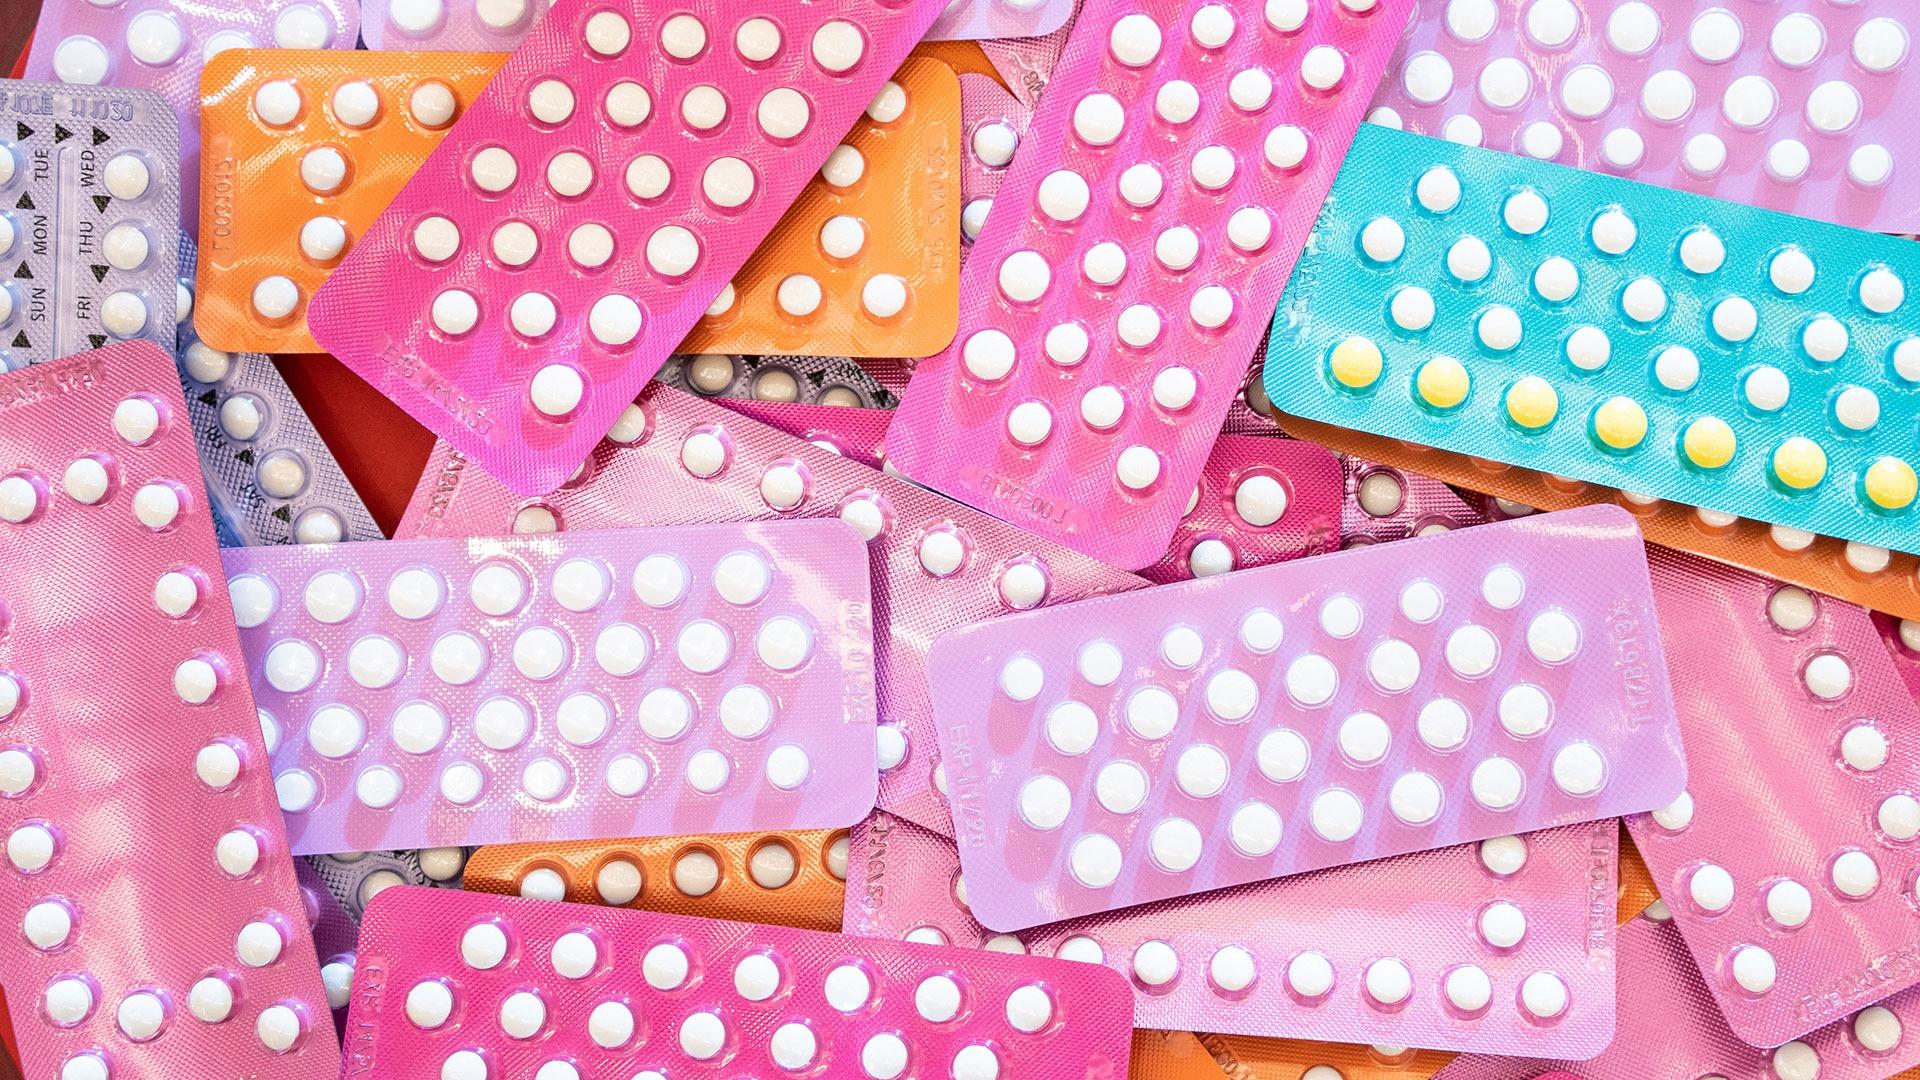 Las pastillas anticonceptivas podrían causar depresión a largo plazo en adolescentes